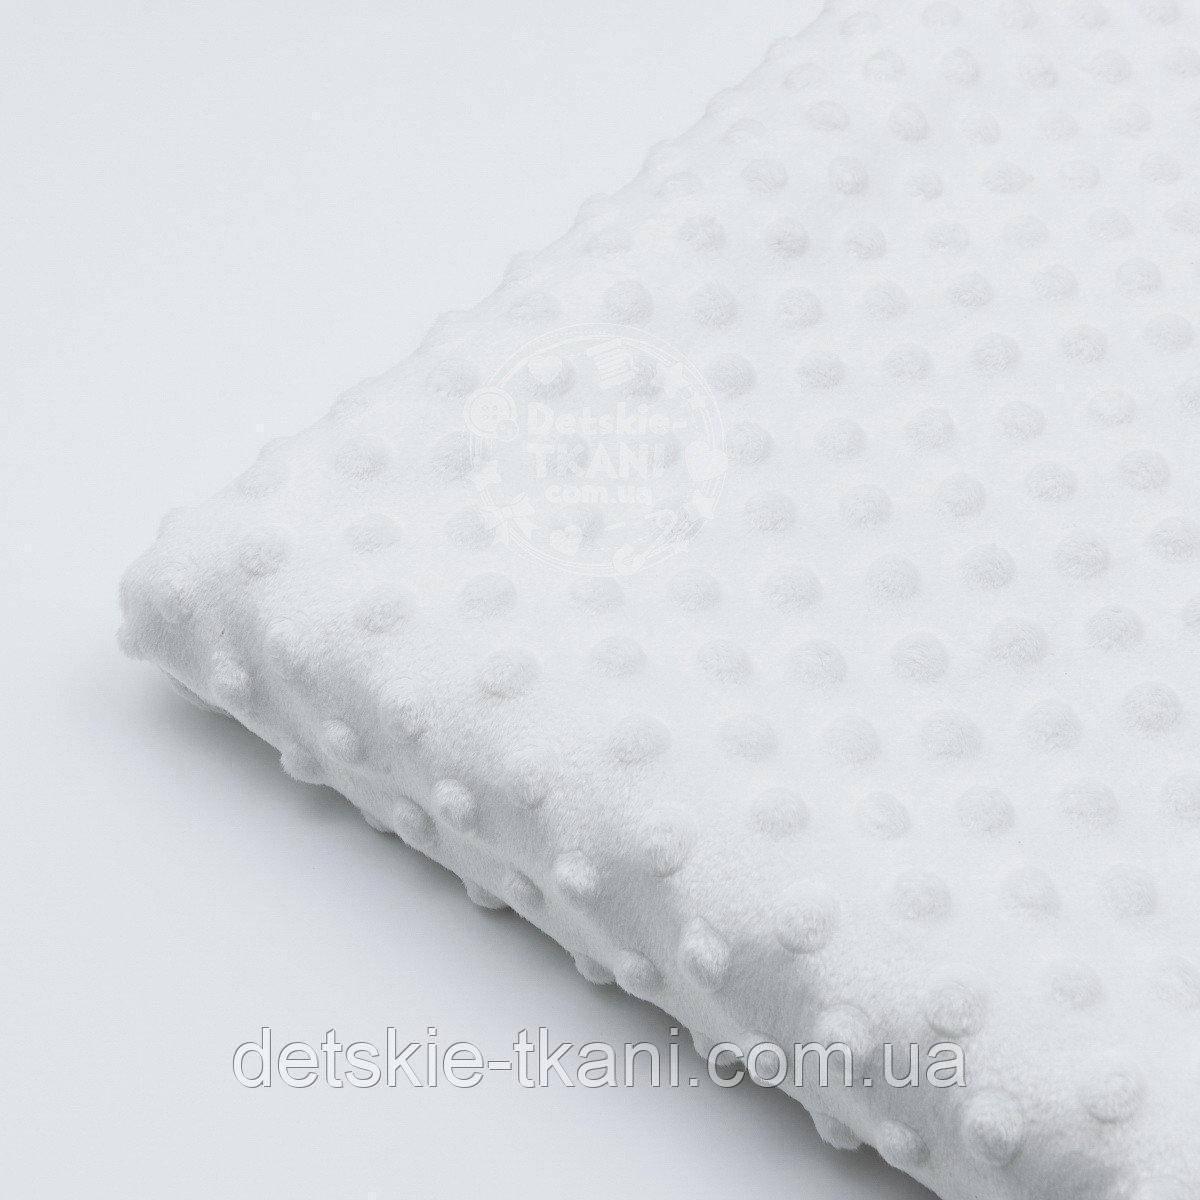 Два лоскута М-10плюша минки белого цвета, размер 40*70, 20*85 см